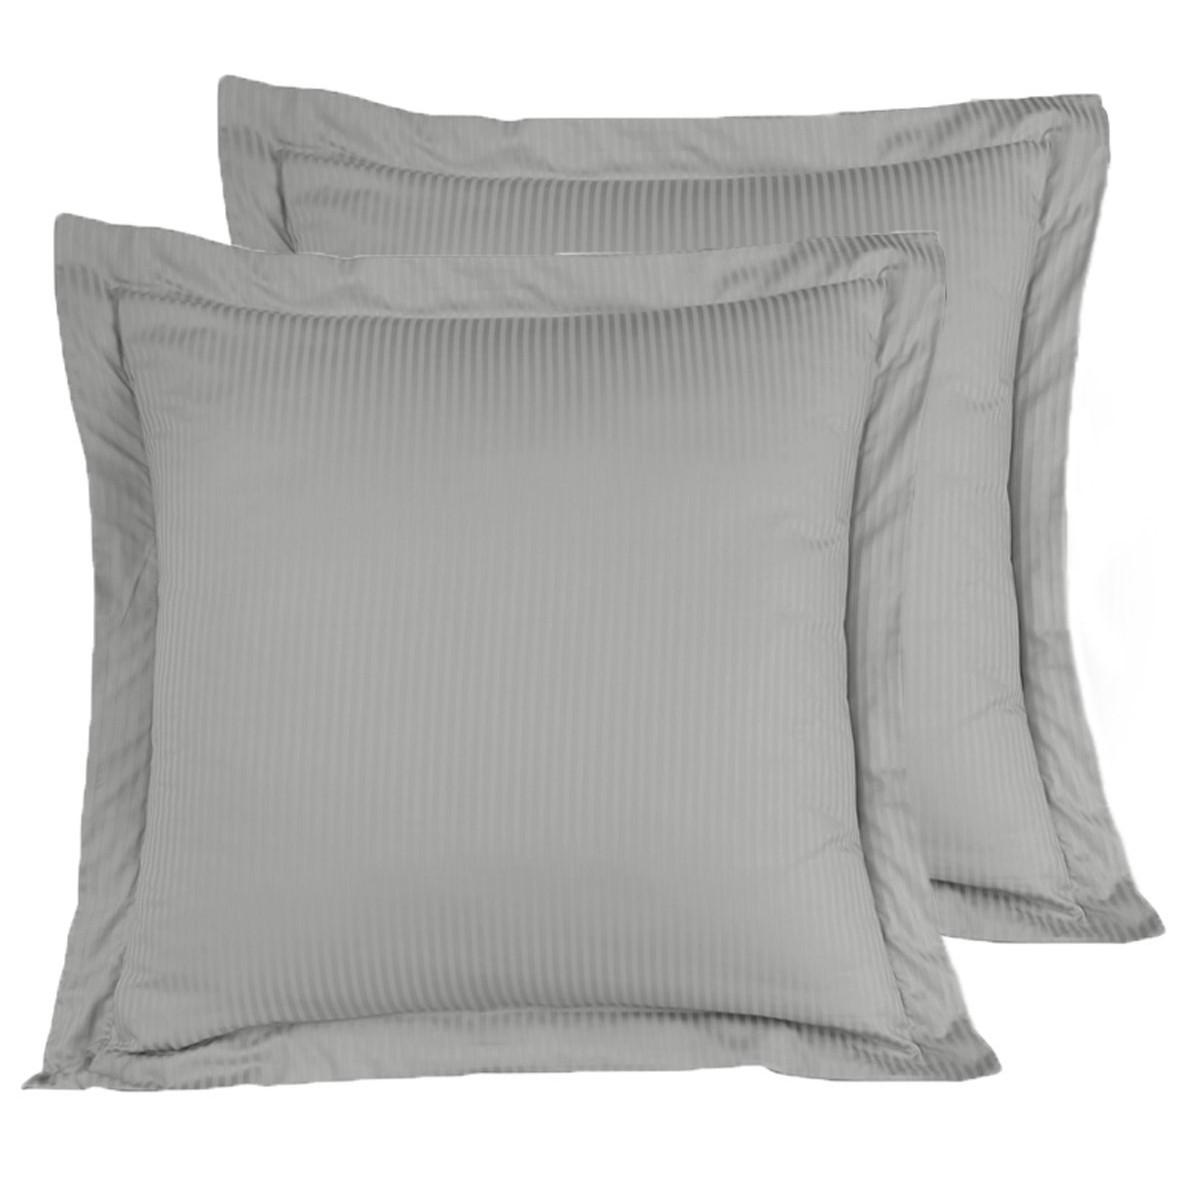 2 taies d'oreiller rayées satin coton Gris Acier 65x65 cm